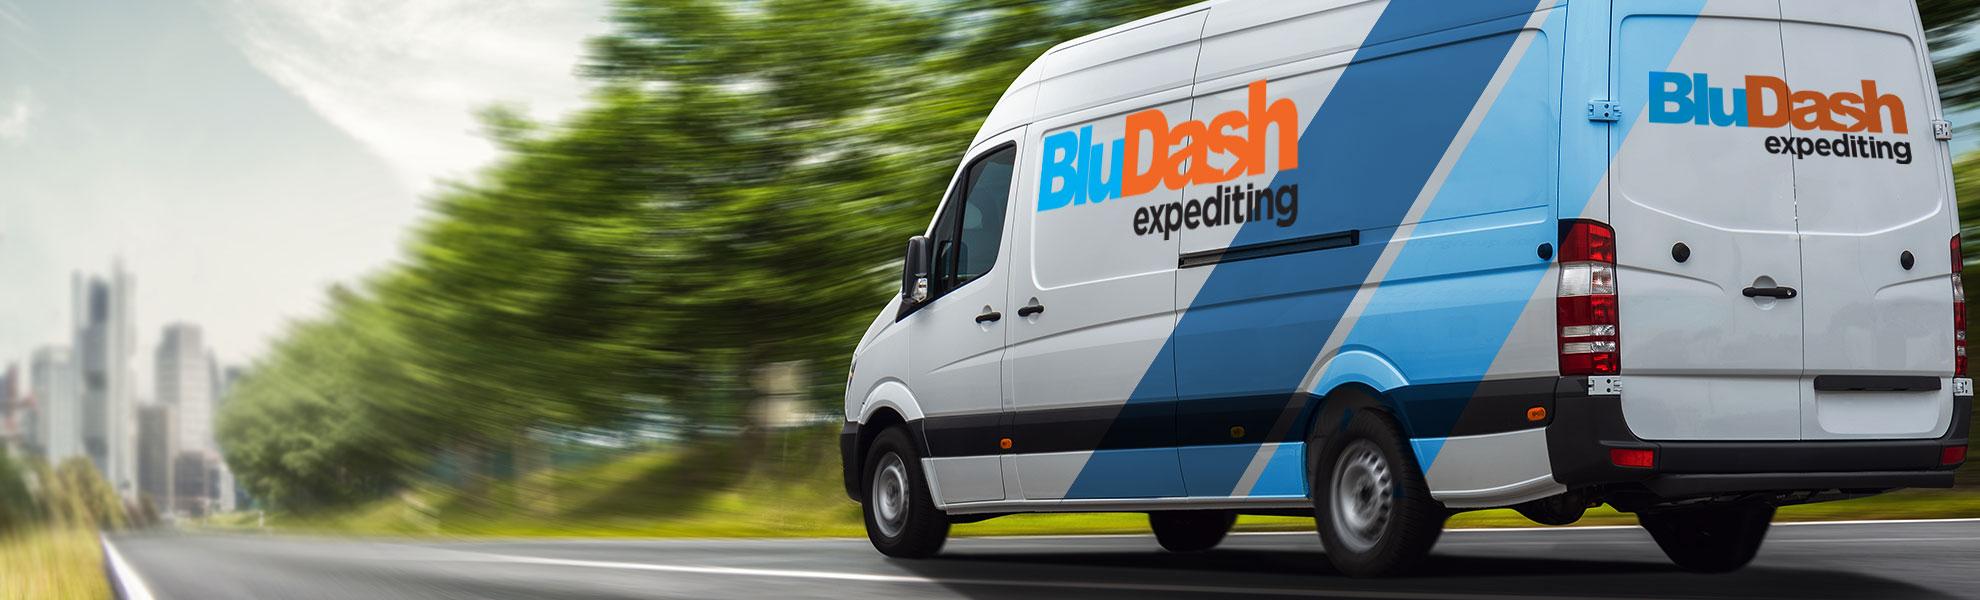 BluDash-header2